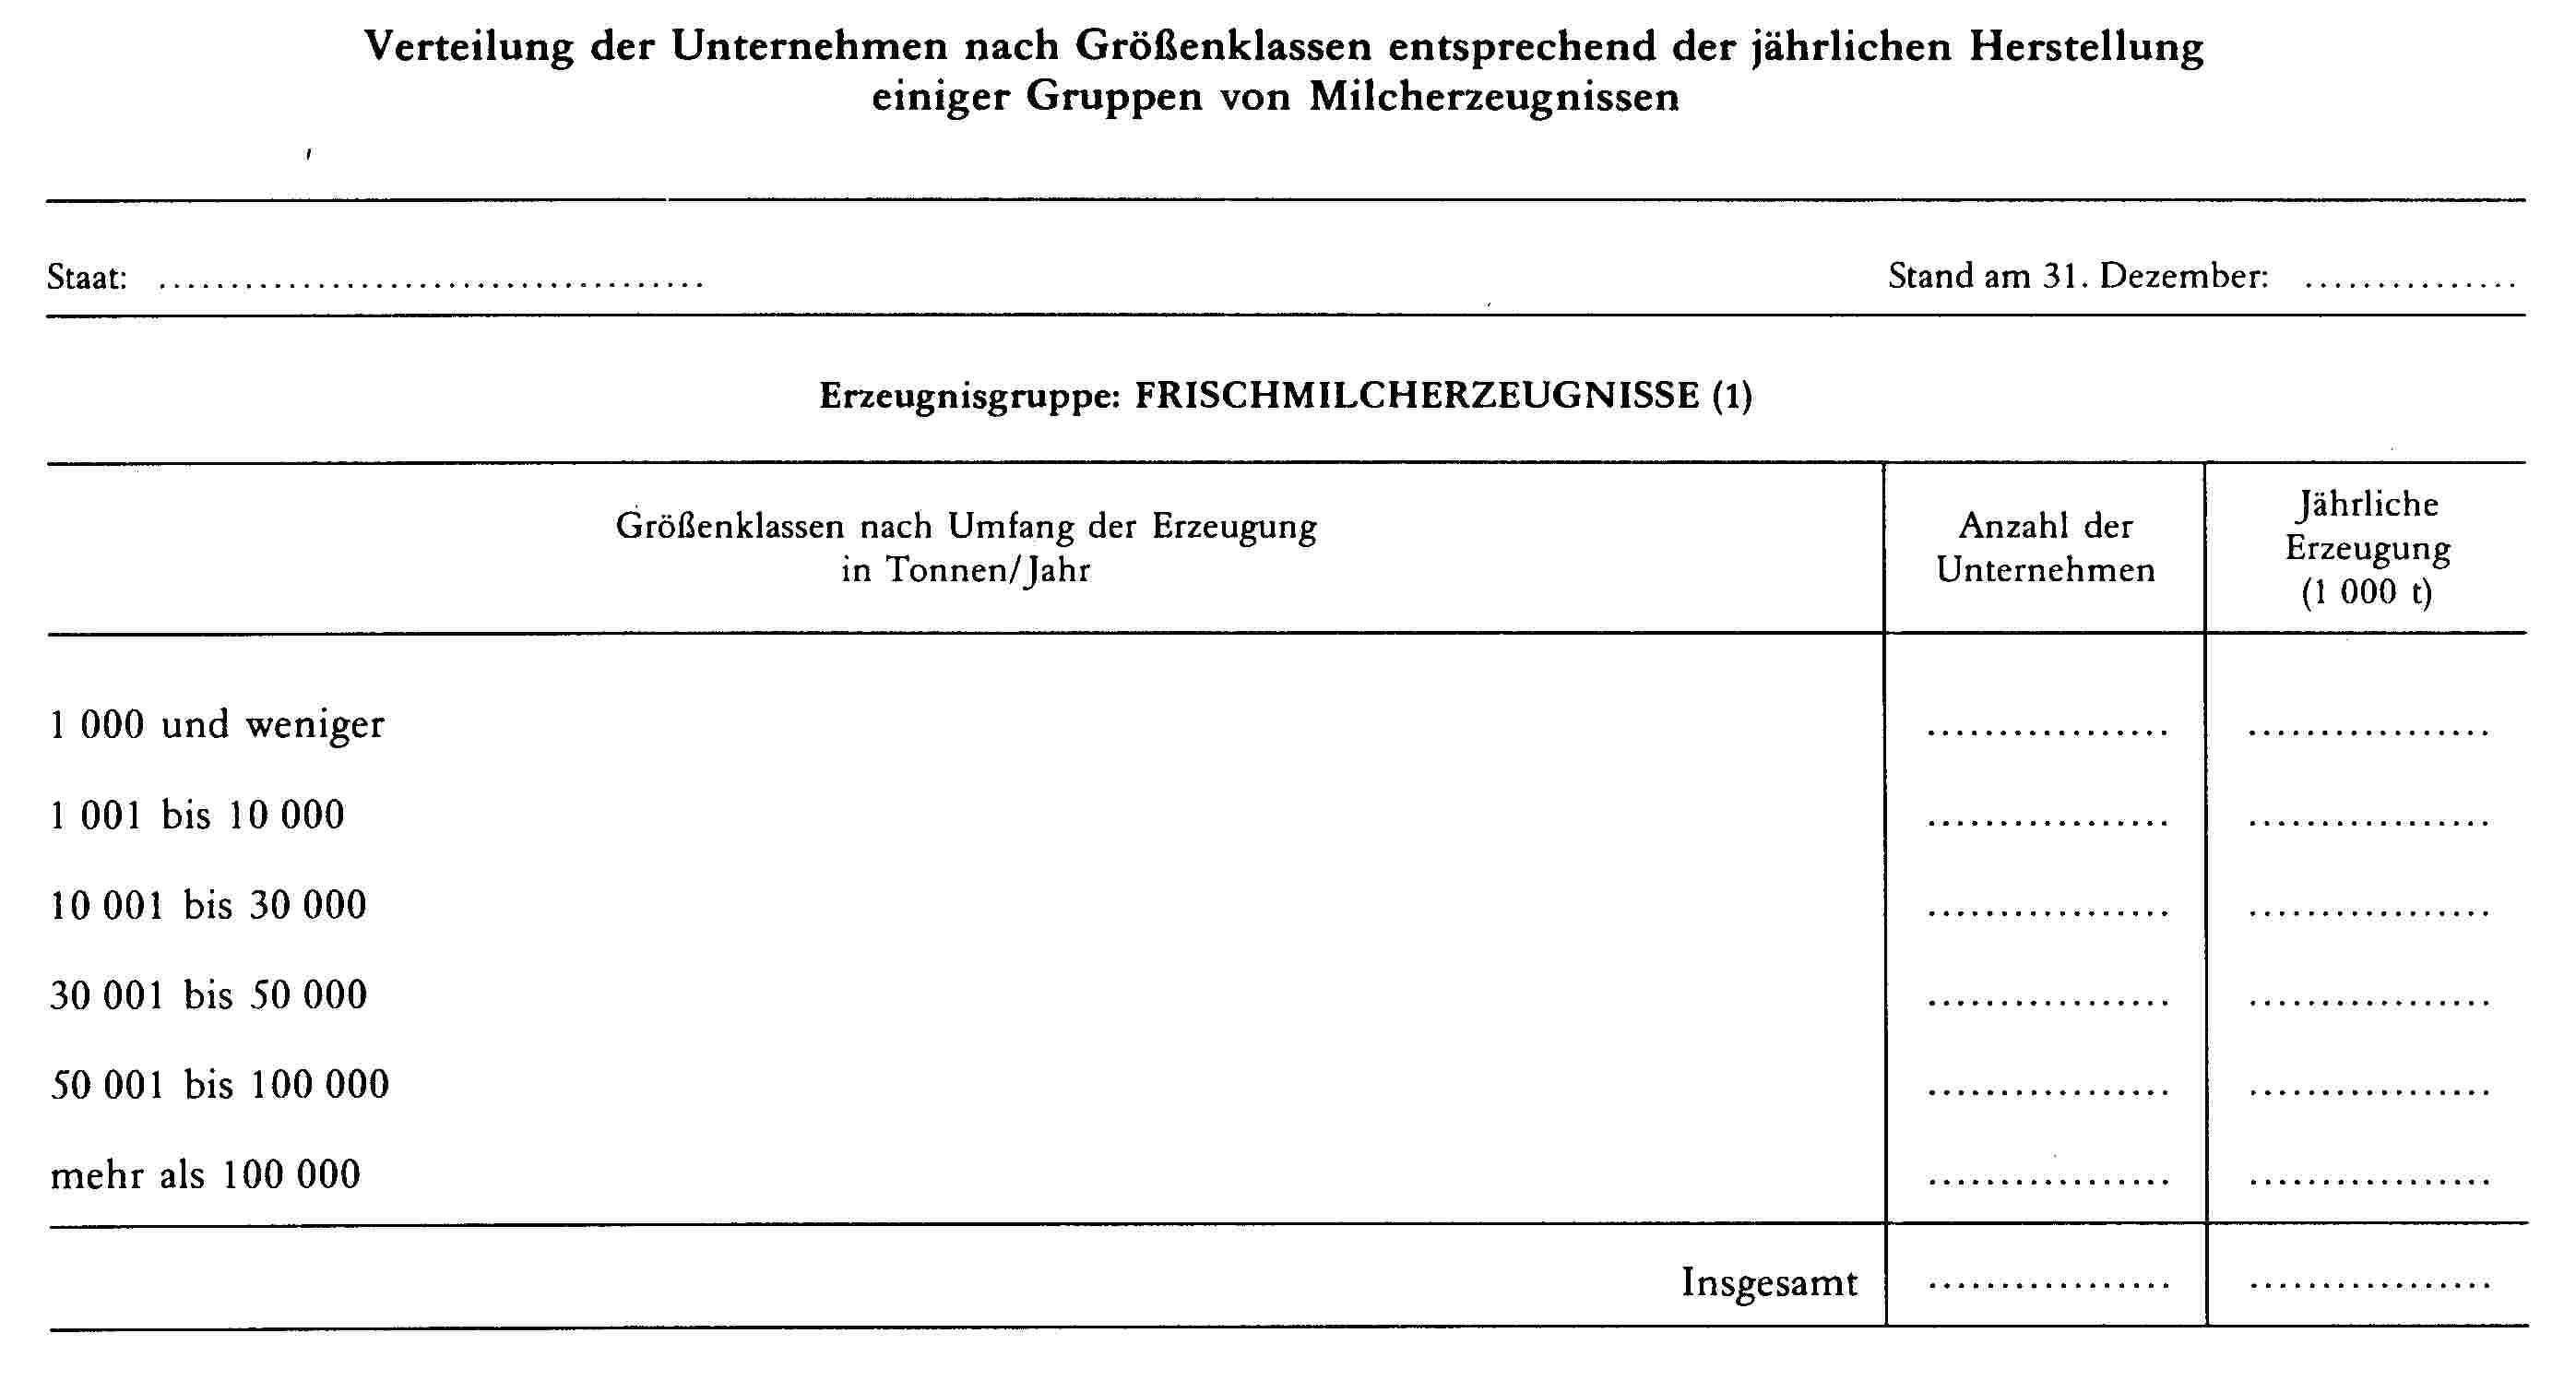 EUR-Lex - 01997D0080-20050407 - EN - EUR-Lex